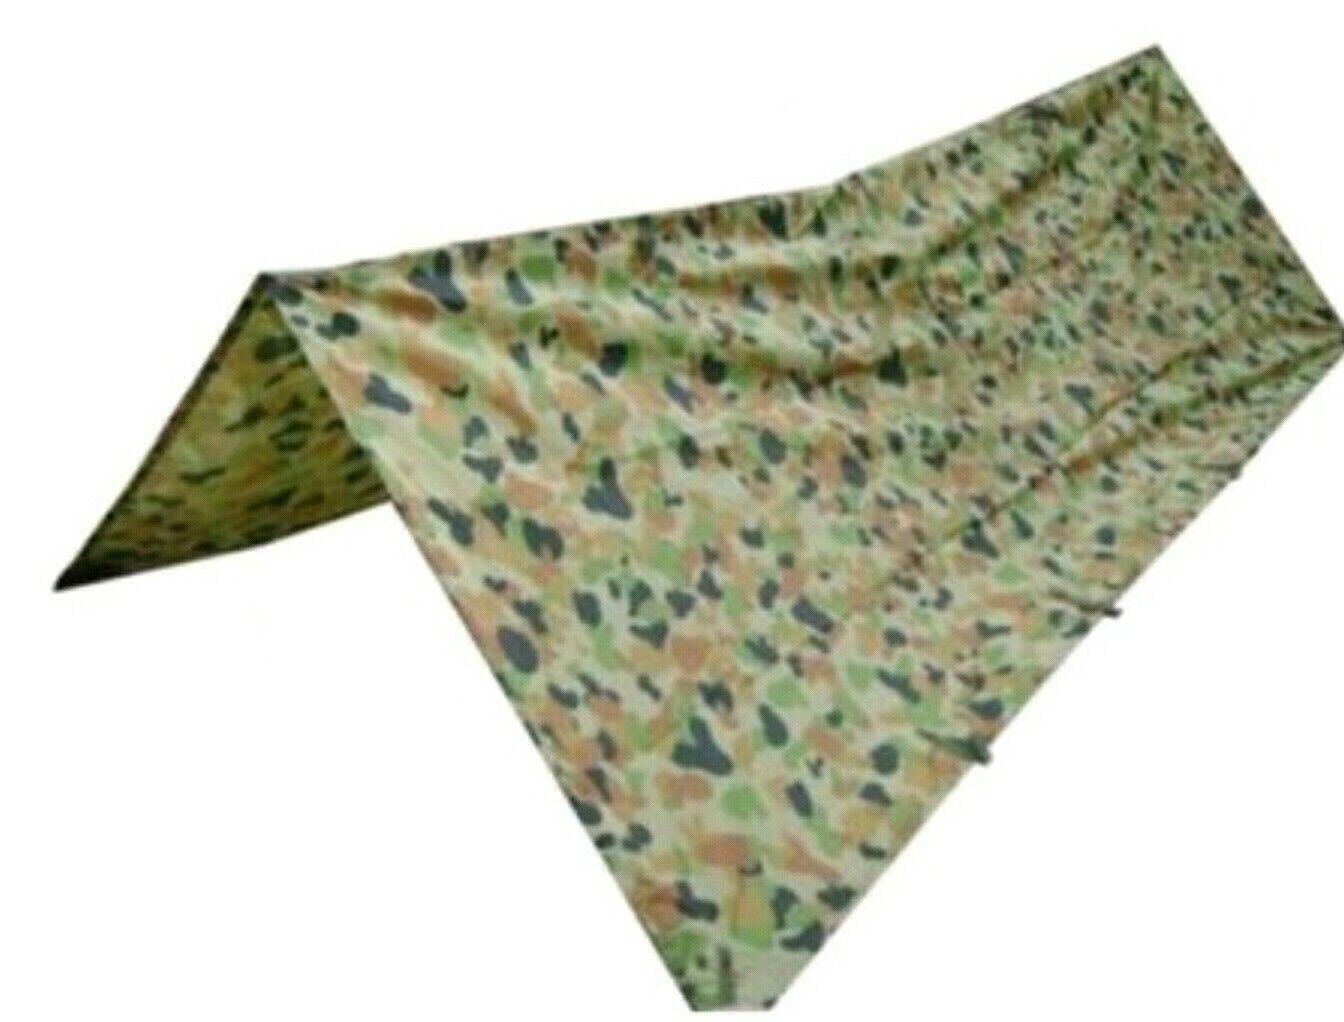 Tas hootthie auscam dpcu 278 x186cm 560 gramos de cinta adhesiva del Ejército   campamento   Boy Scout